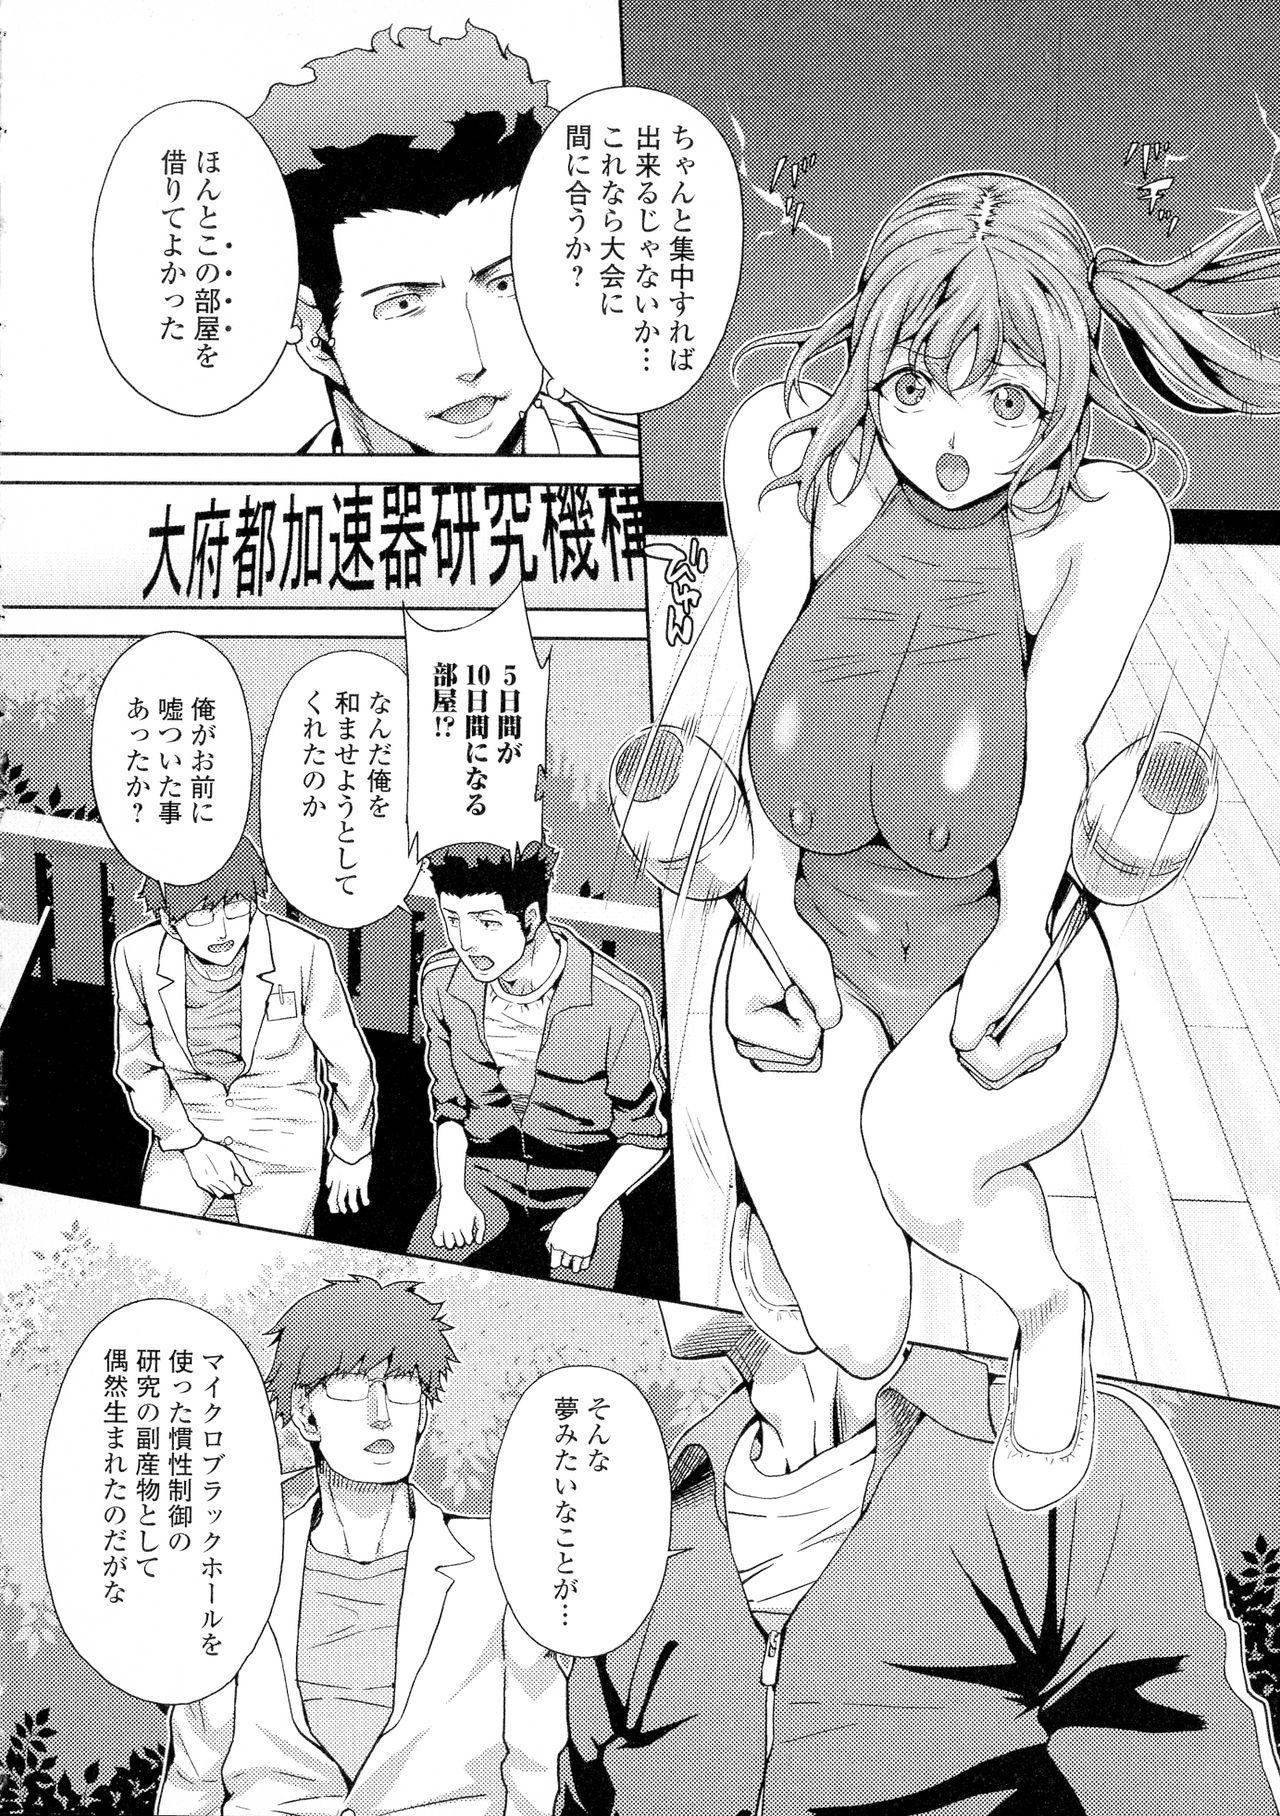 Futanari Tsunagari - Androgynos Sexual intercourse 178